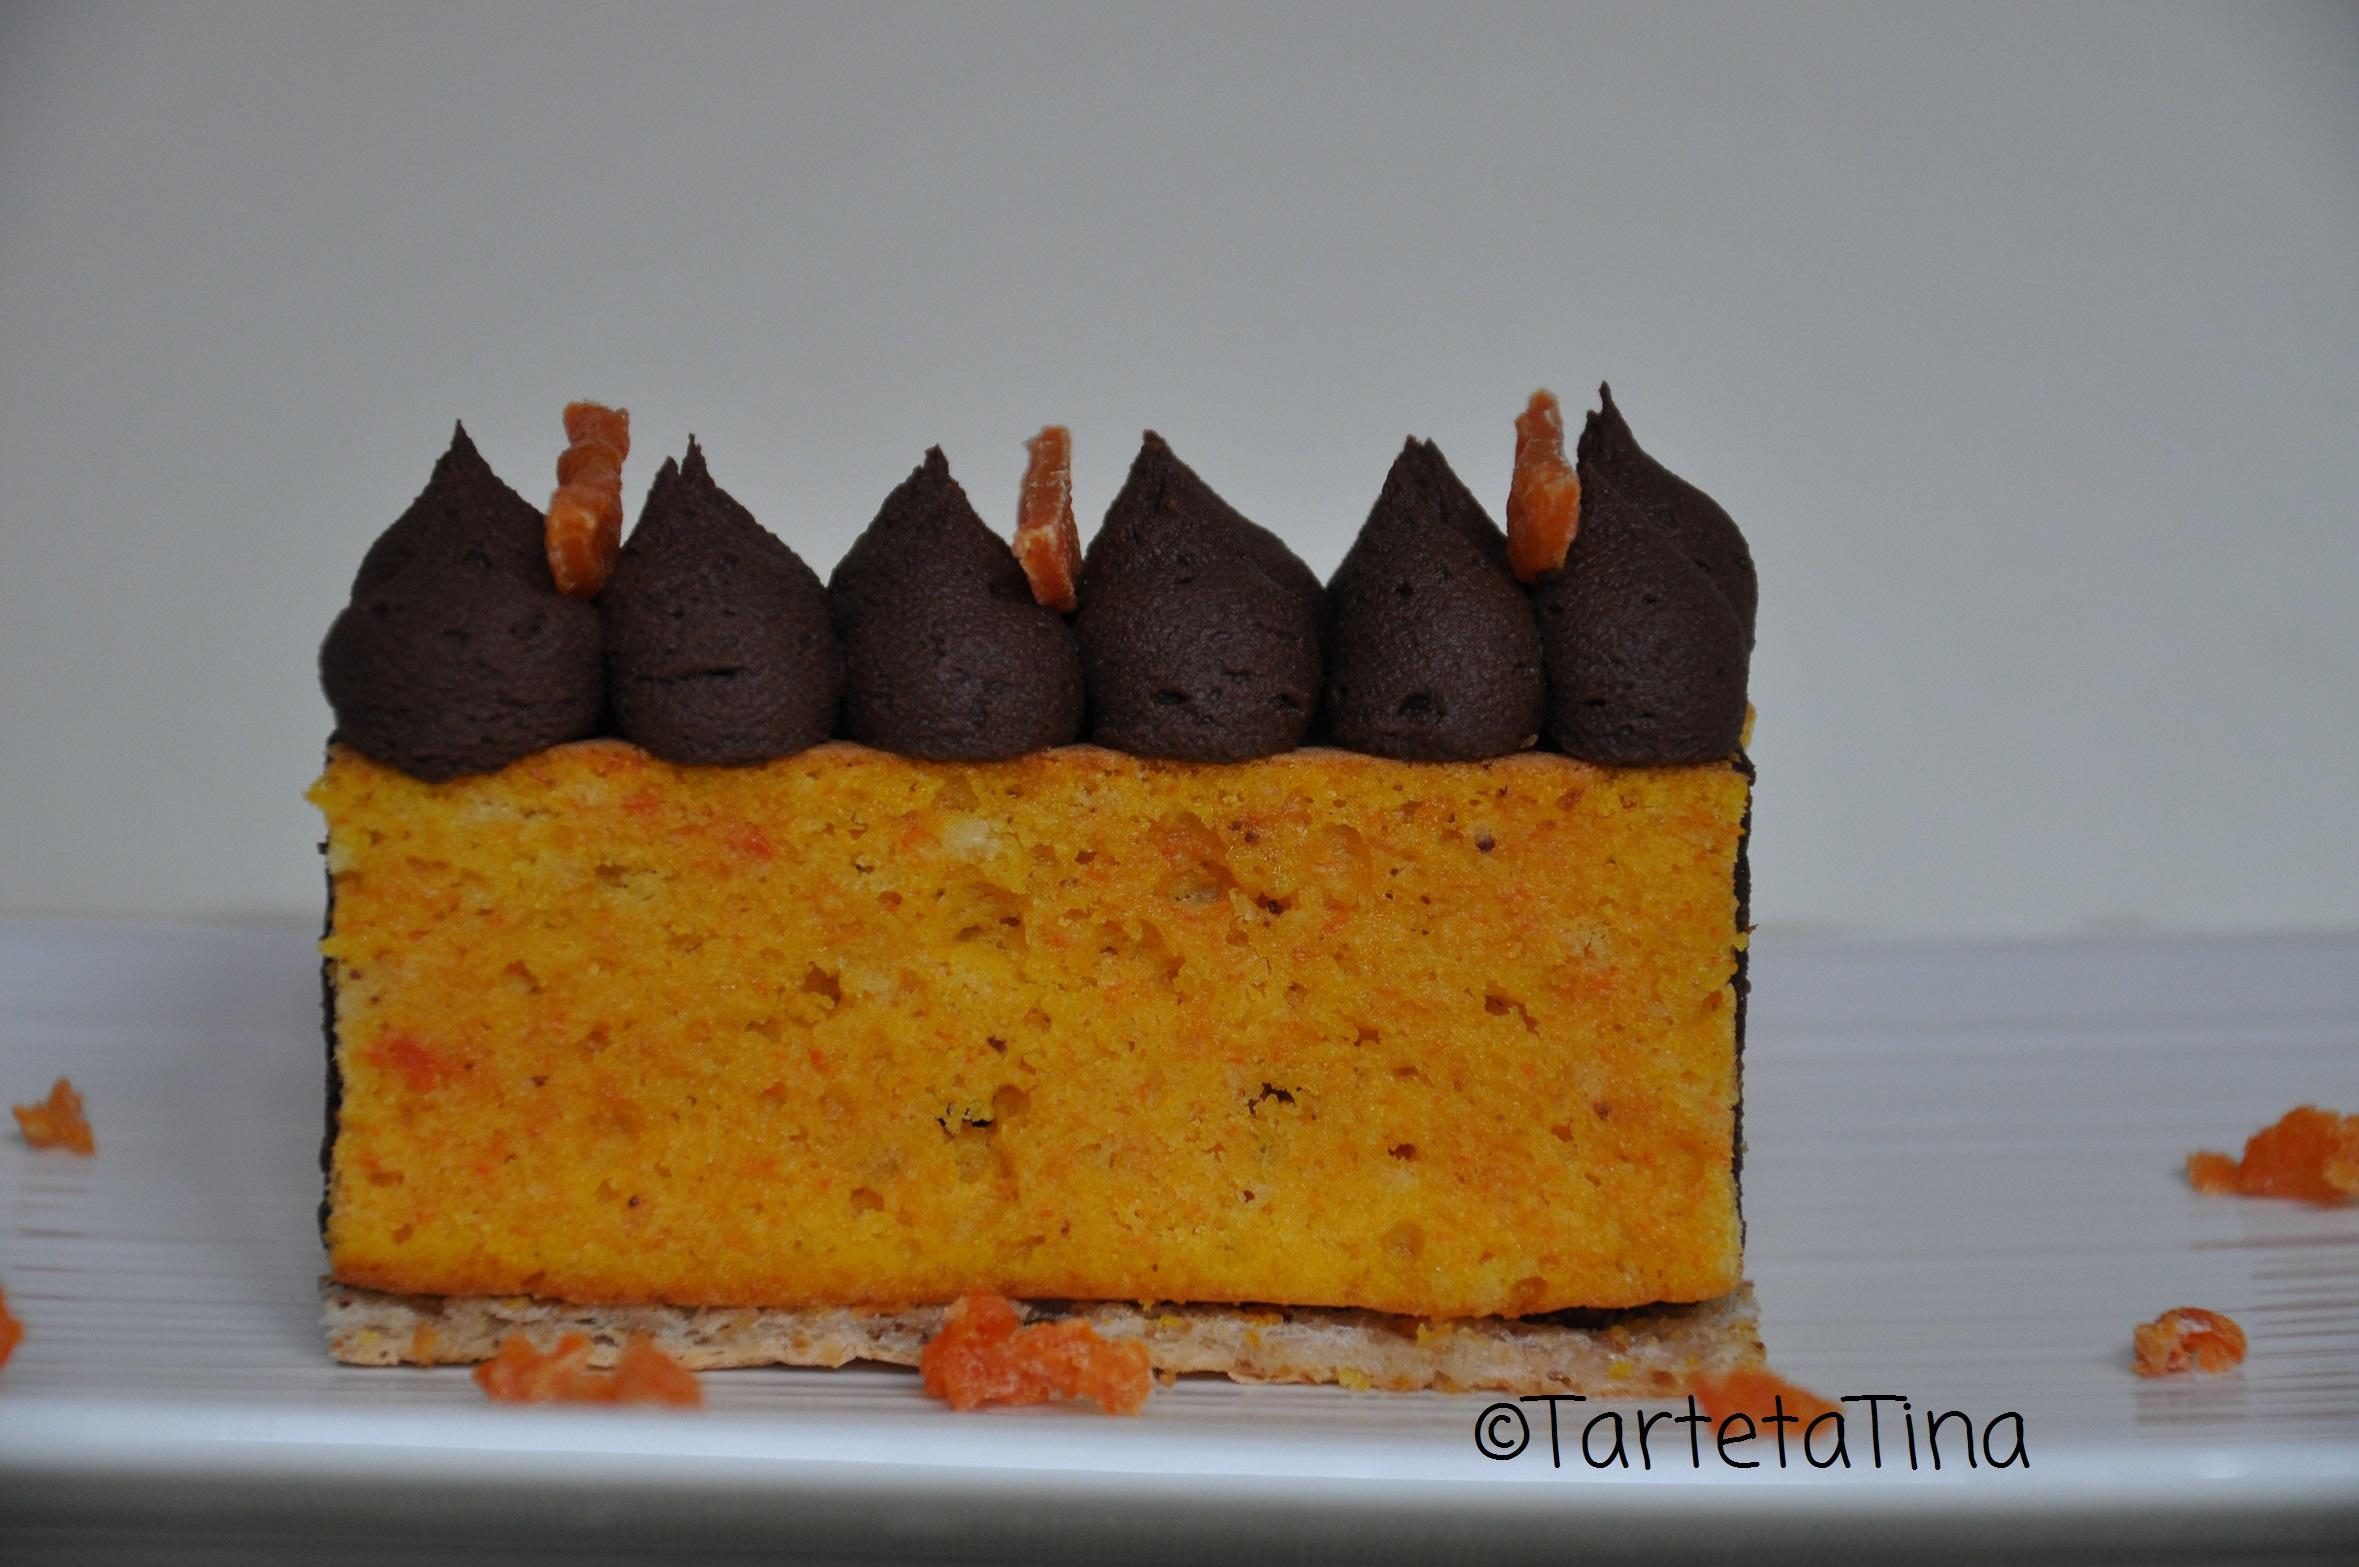 Mattoncino di zucca con croccantino di cioccolato agli amaretti